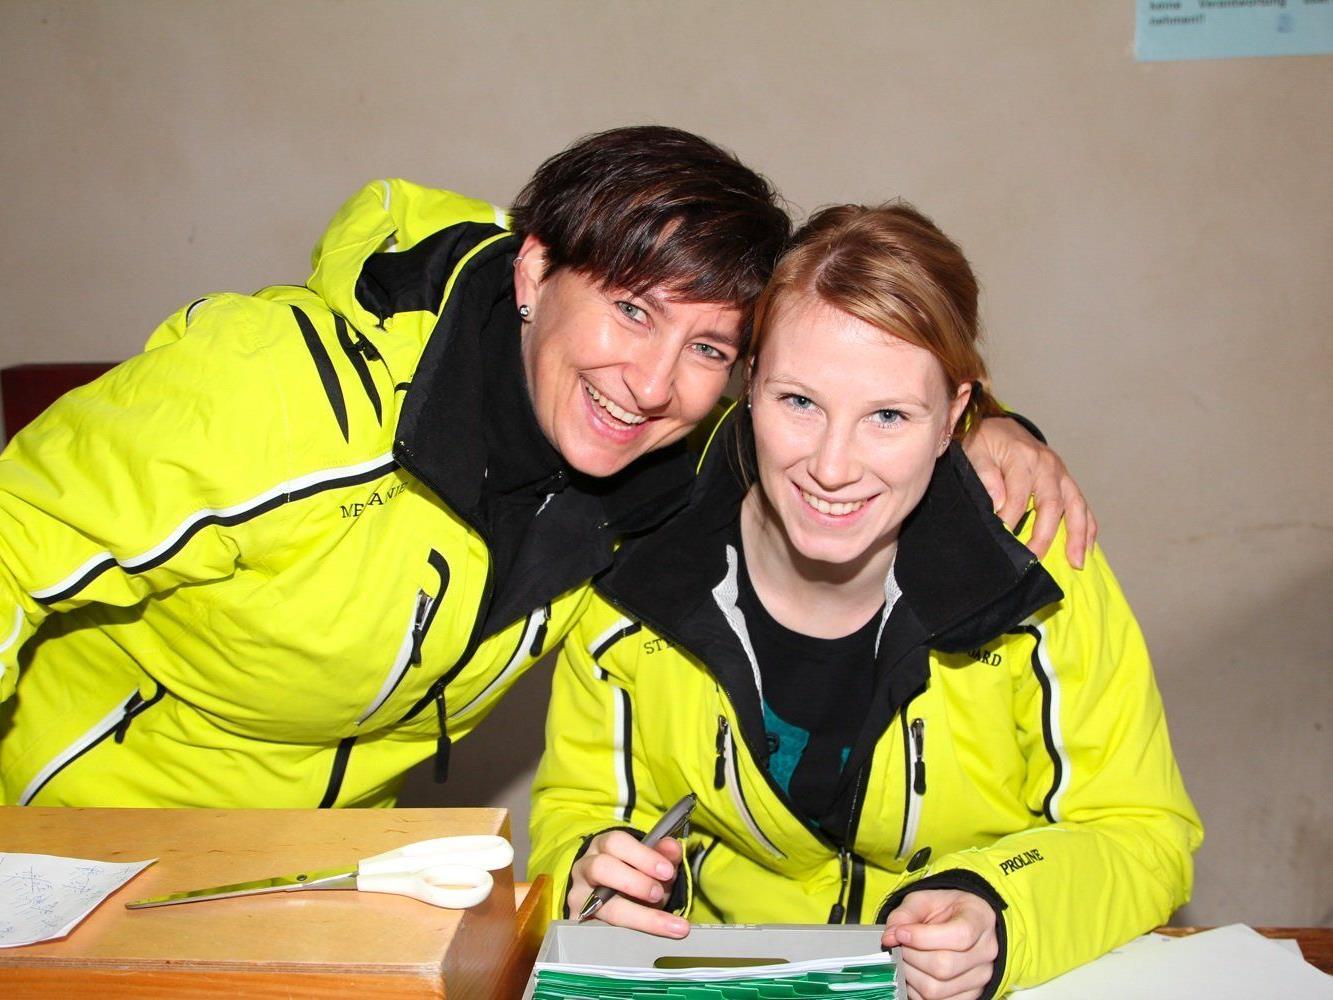 Melanie und Stefanie vom Wintersportverein Nofels hatten die Einnahmen und Ausgaben im Blick